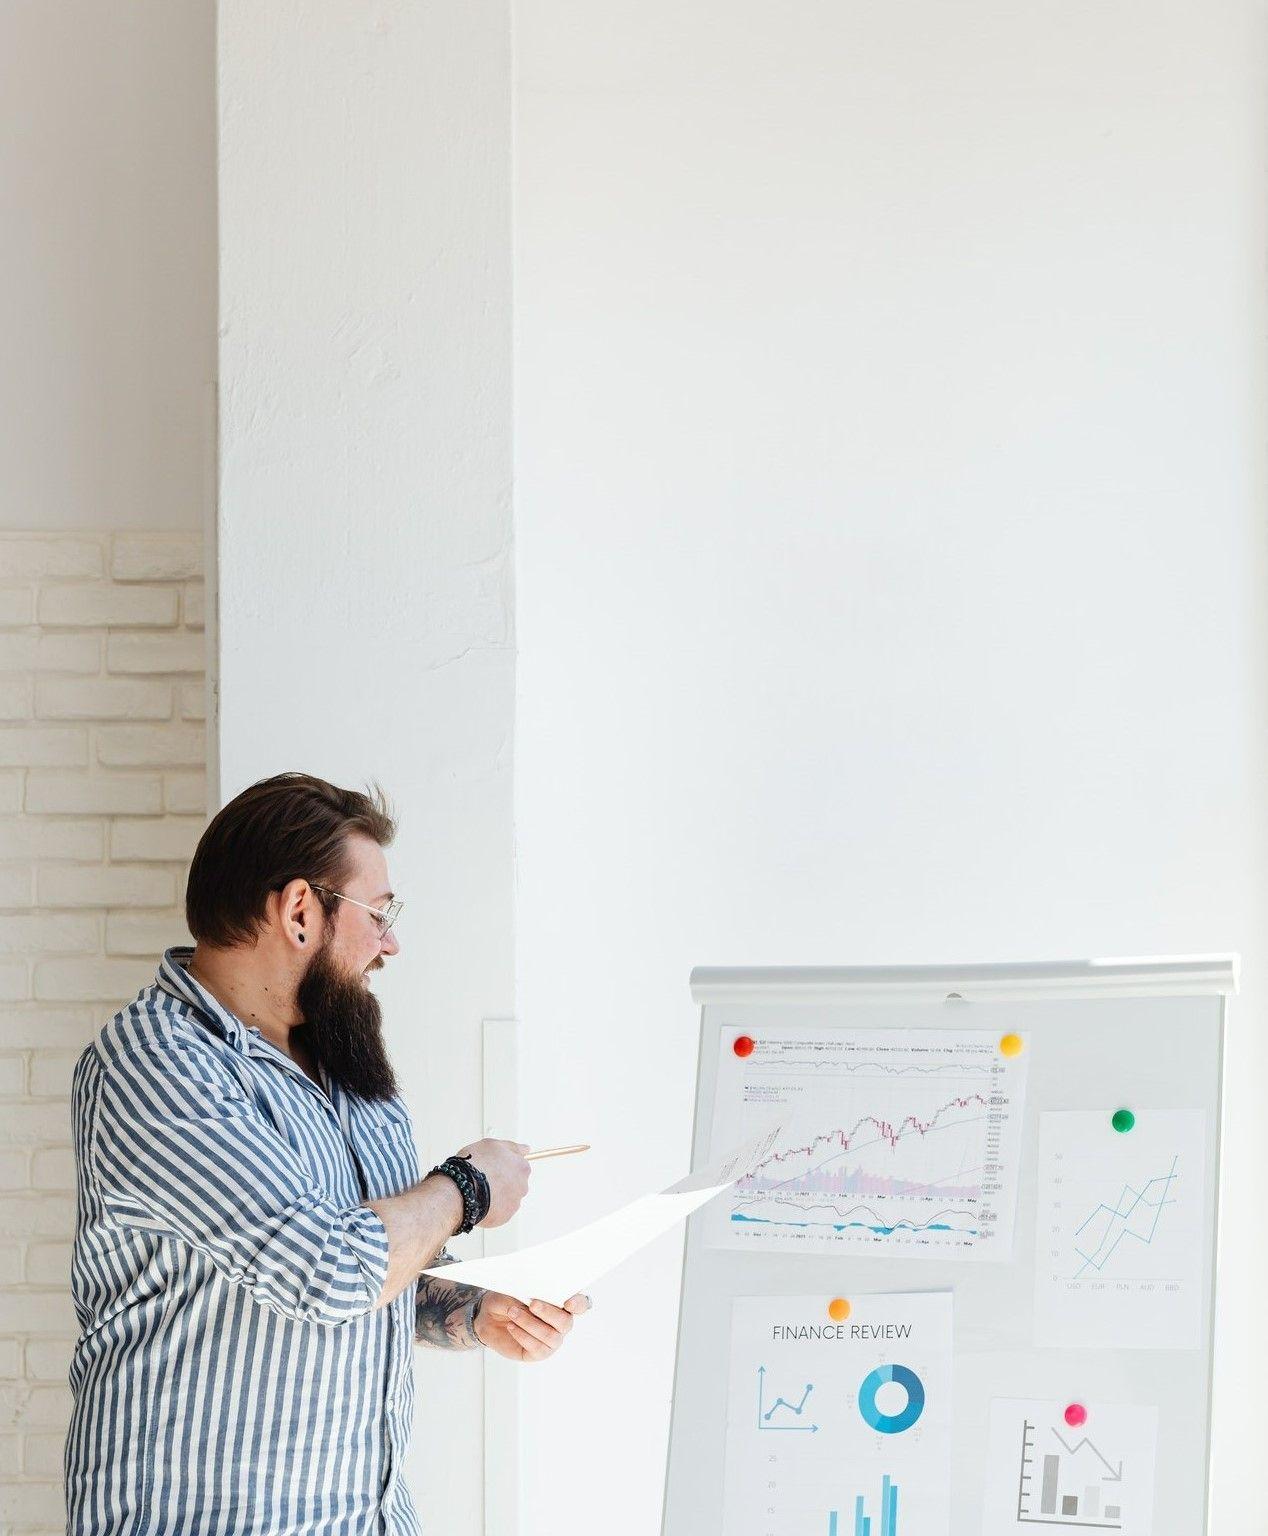 На фото, где мужчина находясь в офисе показывает отчетность о проделанной работе на доске